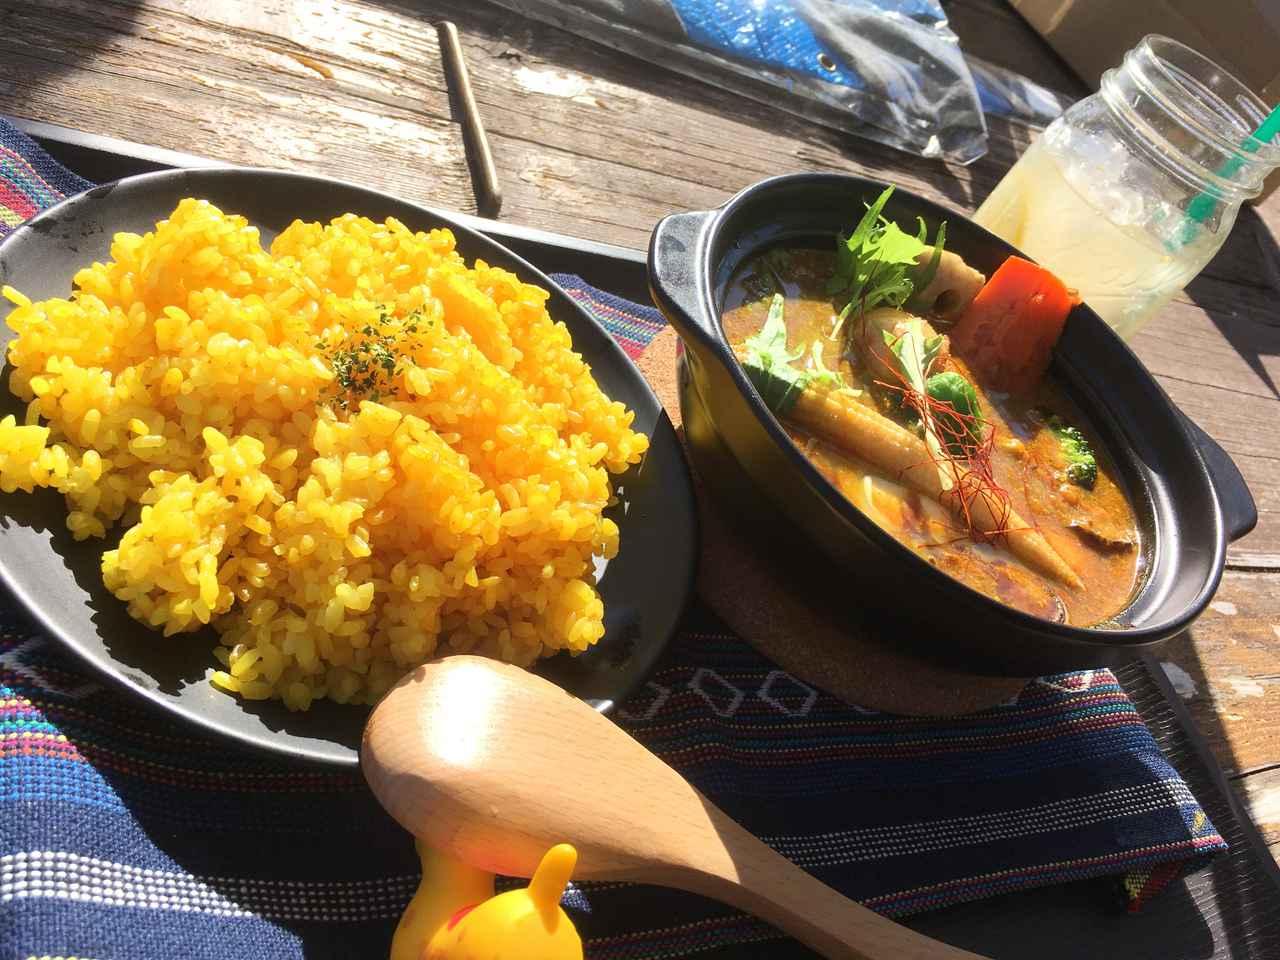 画像: カレー好きの僕ですが、スープカレーって初めて食べた! かぼちゃ、ニンジン、ジャガイモ、オクラがゴロゴロが入ってて美味しかった~